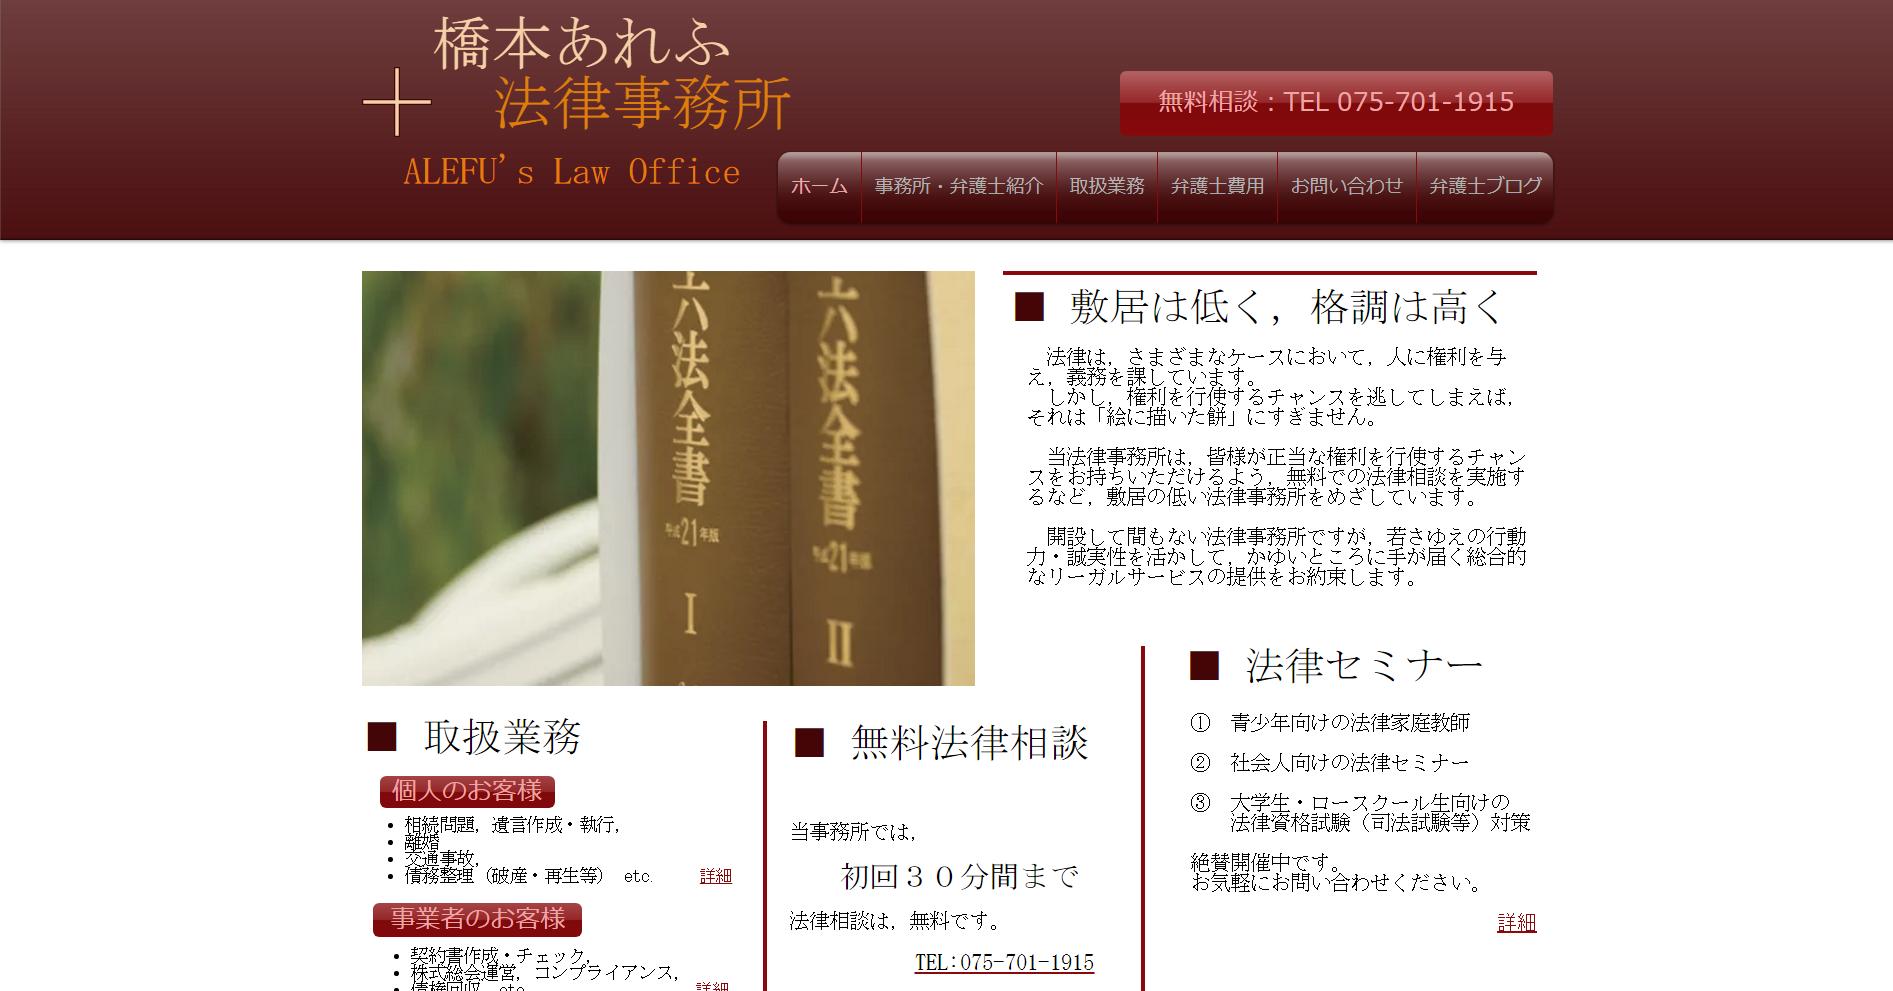 橋本あれふ法律事務所